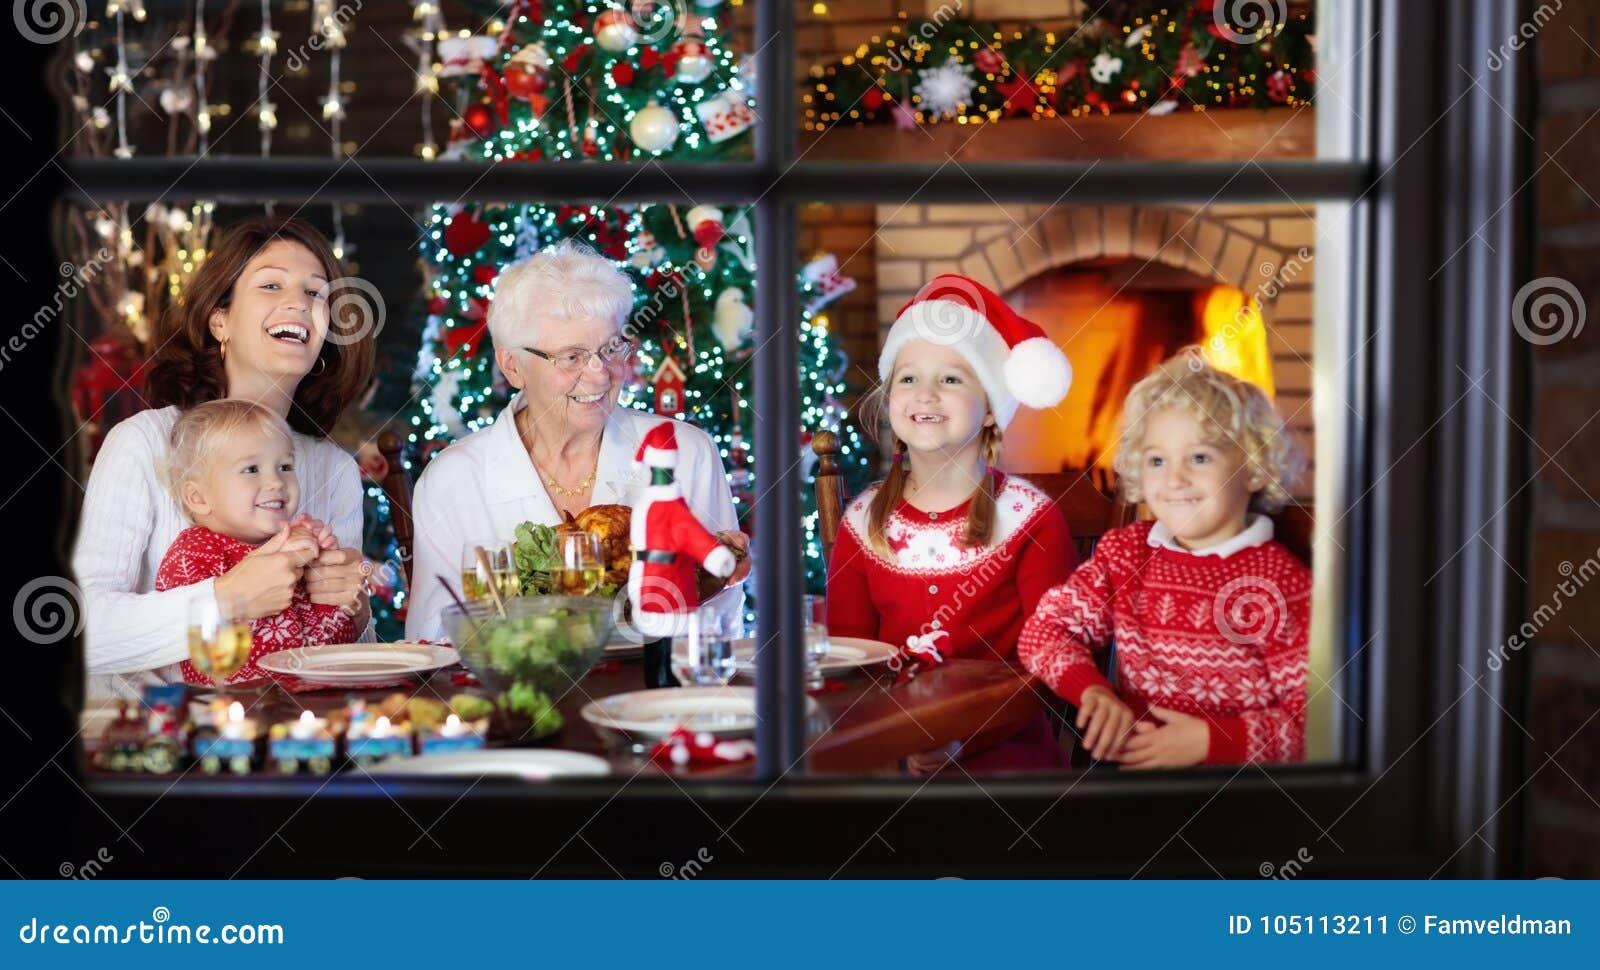 Święta dekorują obiadowych domowych świeżych pomysłów Rodzina z dzieciakami przy Xmas drzewem